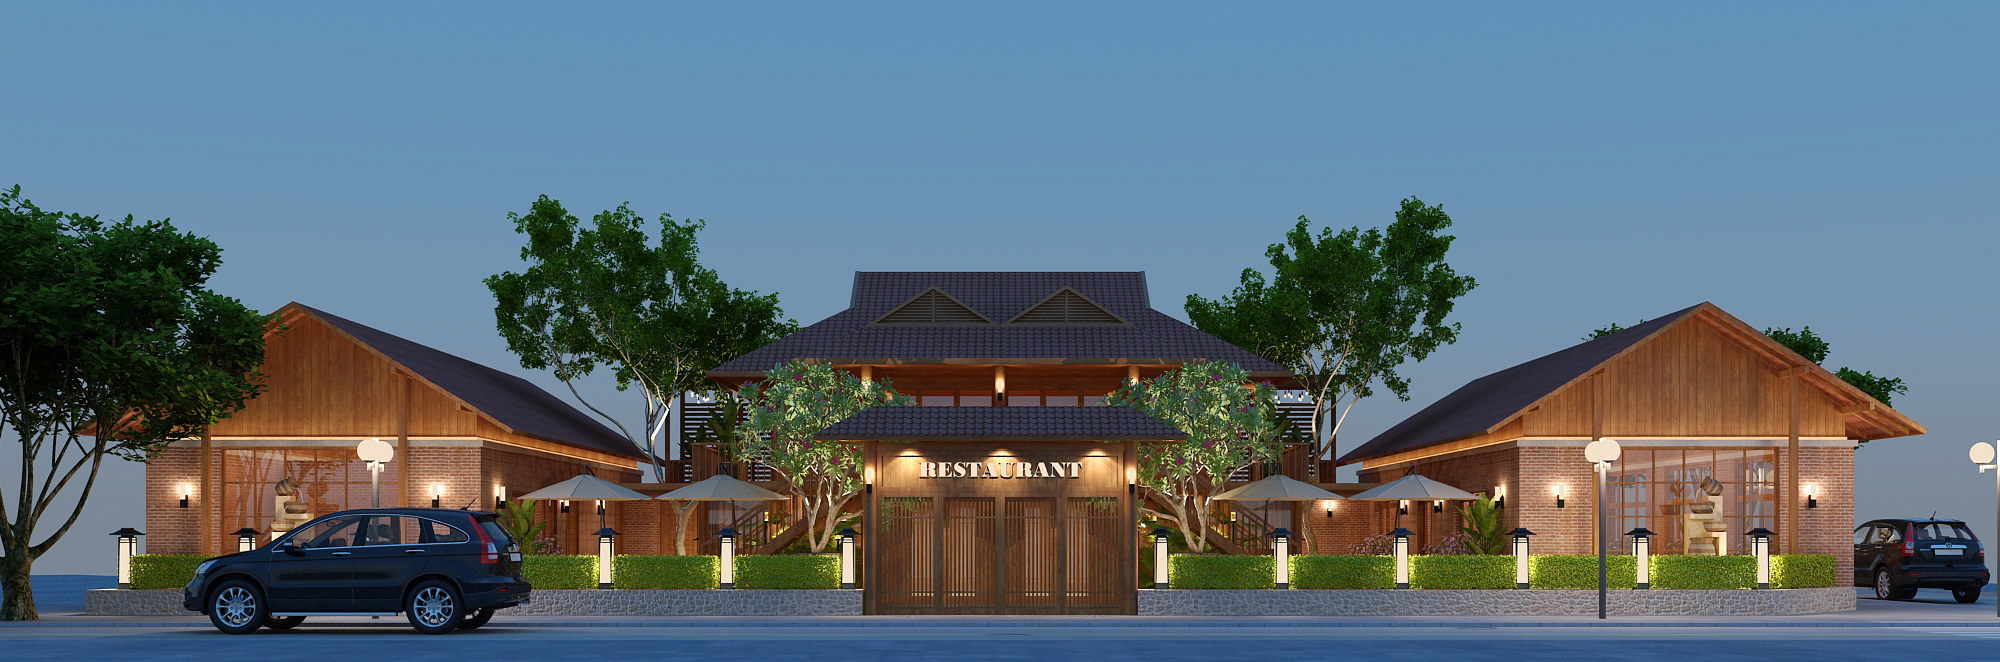 Thiết kế nhà hàng Tây Bắc Quán